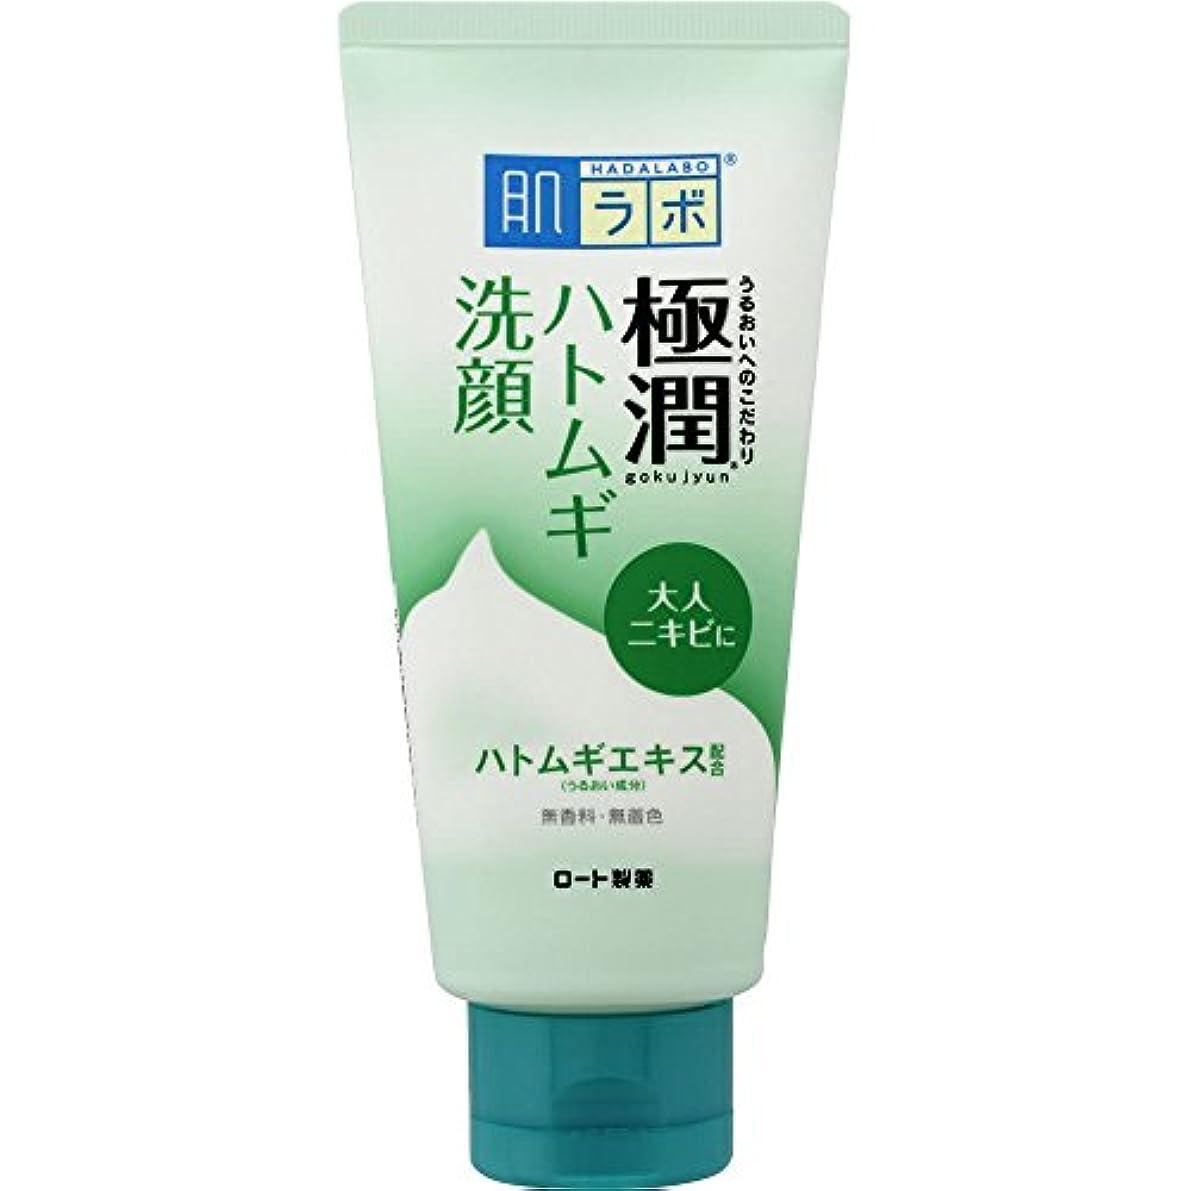 右セント有益な肌ラボ 極潤 毛穴洗浄 大人ニキビ予防 ハトムギ洗顔フォーム 100g